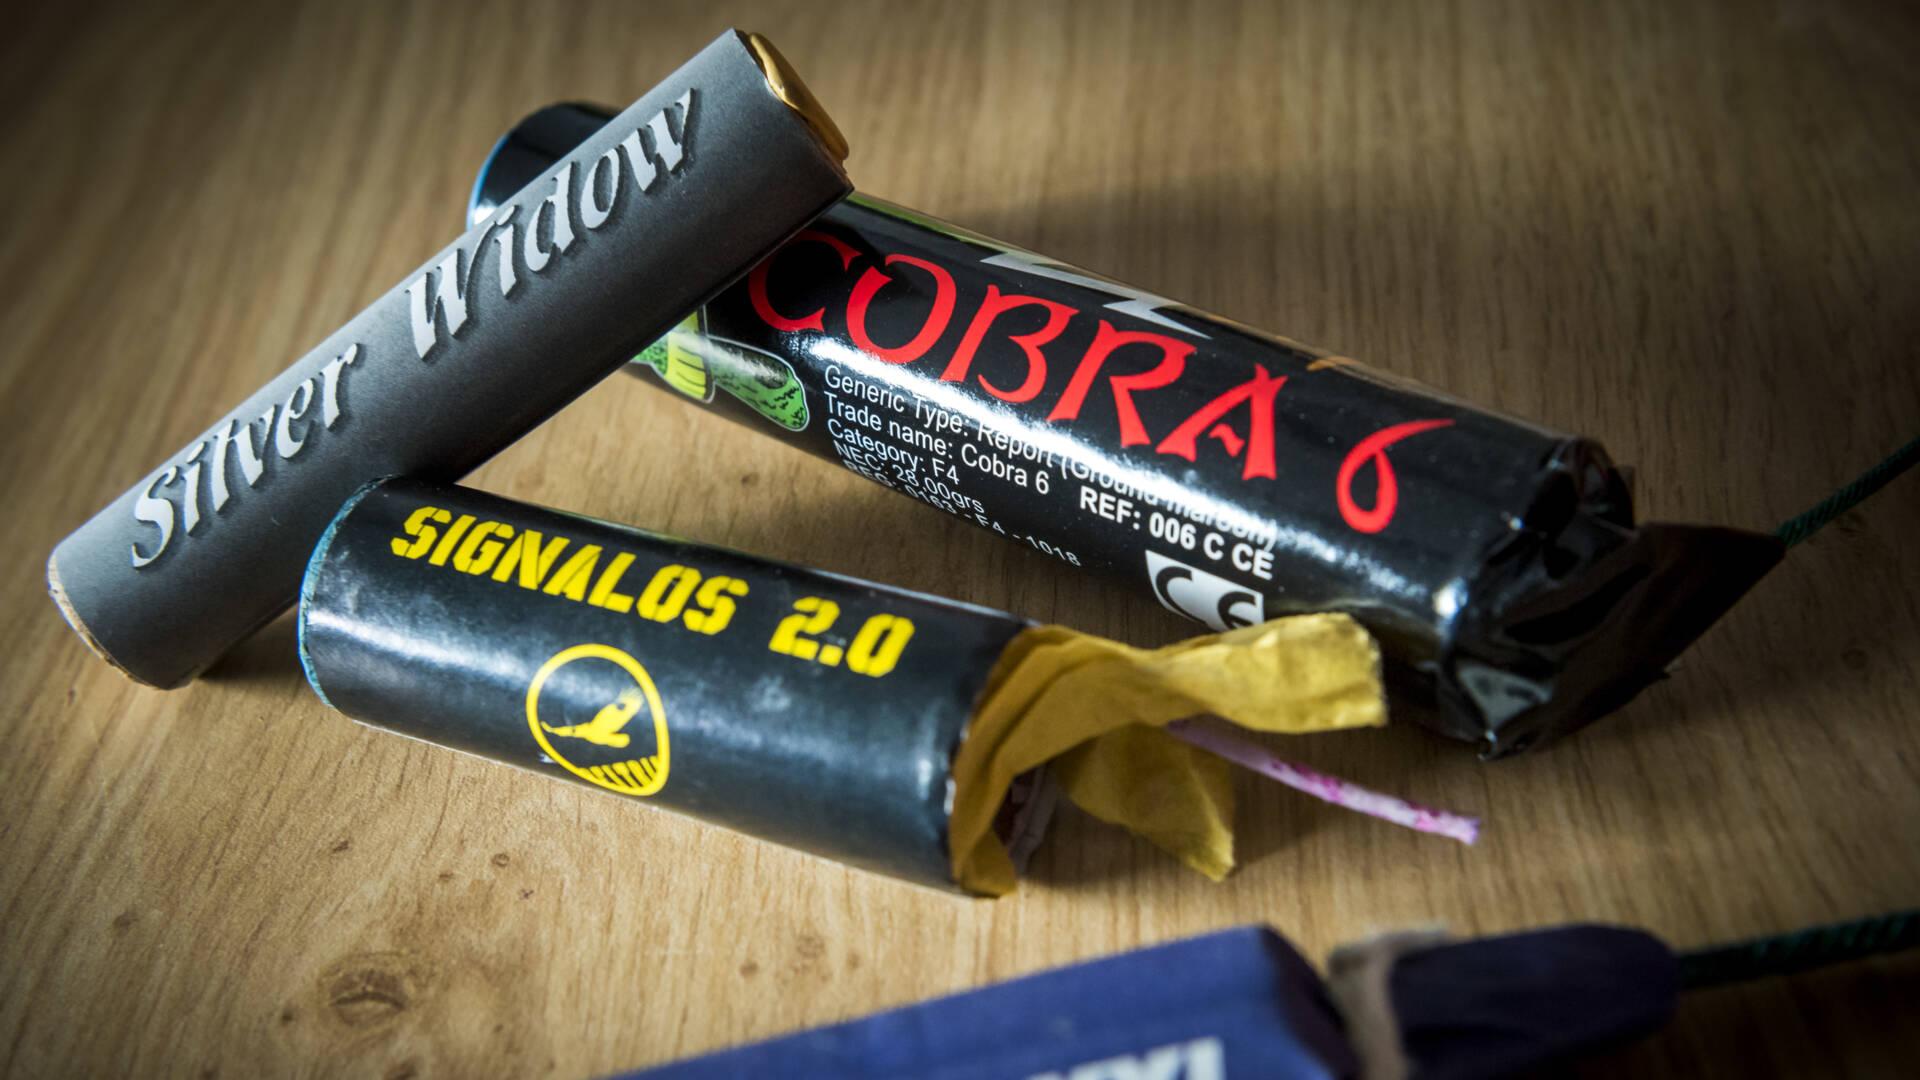 تجارة الألعاب النارية غير القانونية أكثر إجرامية واحترافية والتخزين في مخابئ الناتو